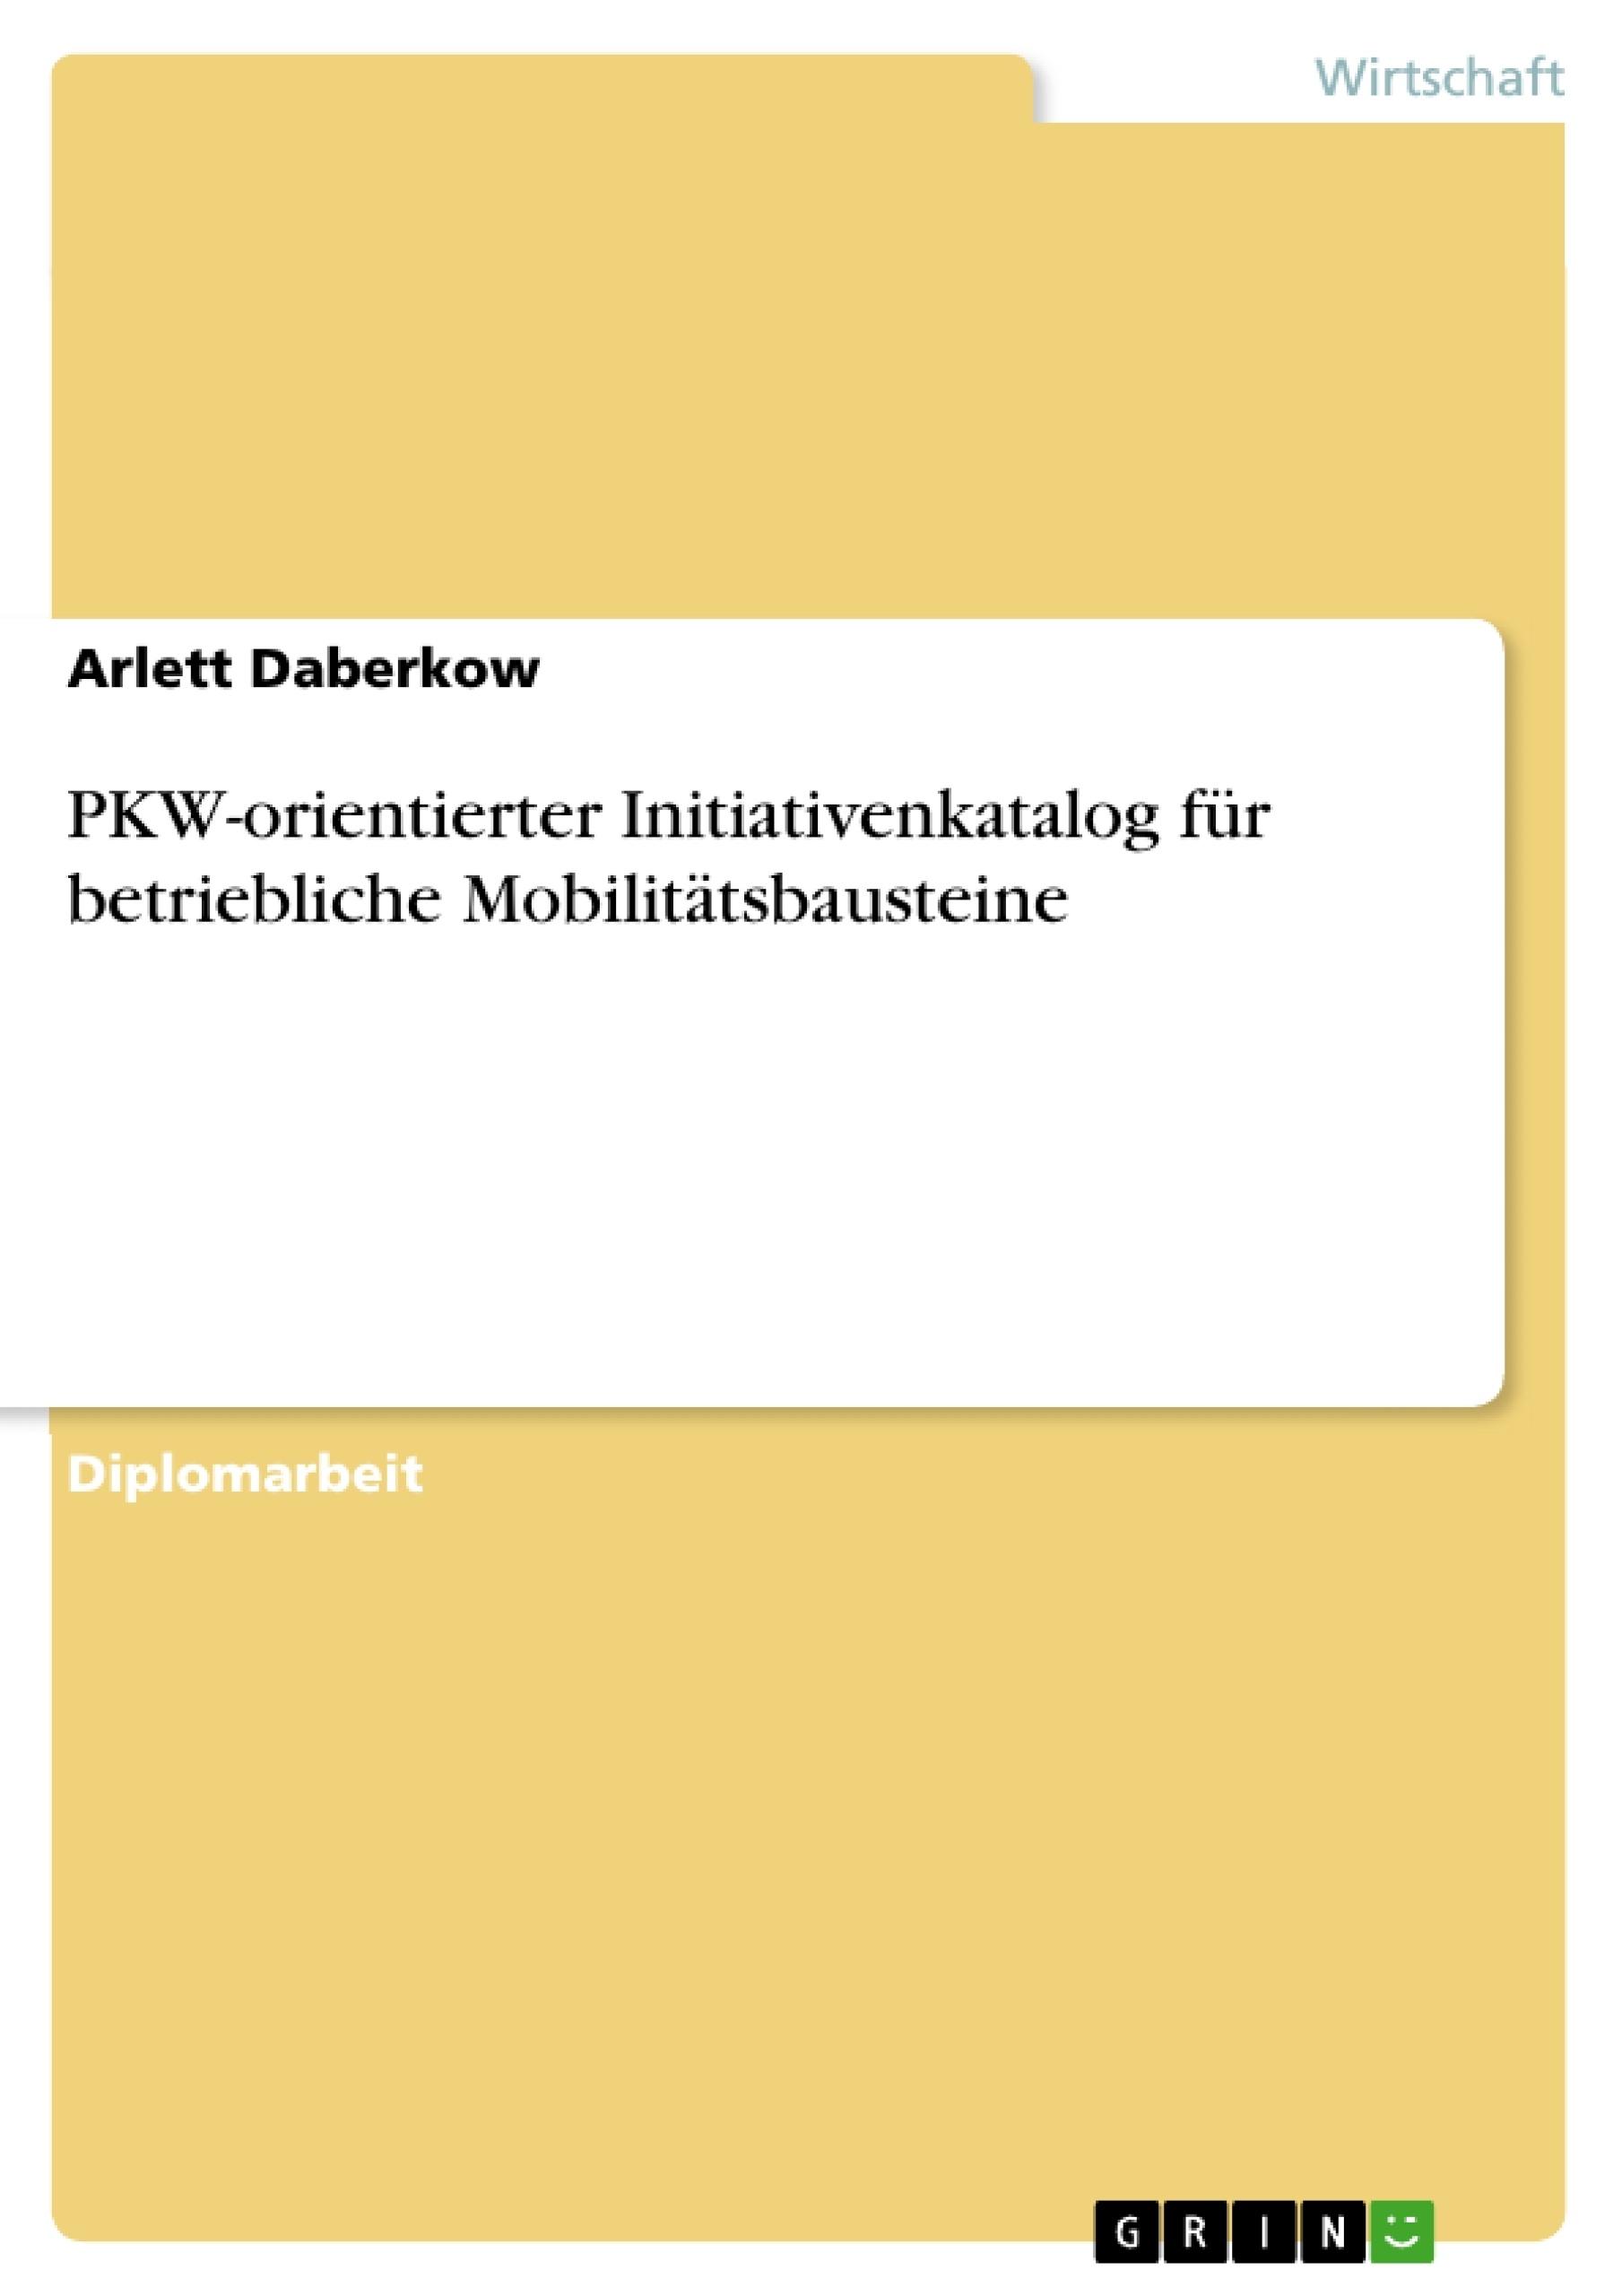 Titel: PKW-orientierter Initiativenkatalog für betriebliche Mobilitätsbausteine